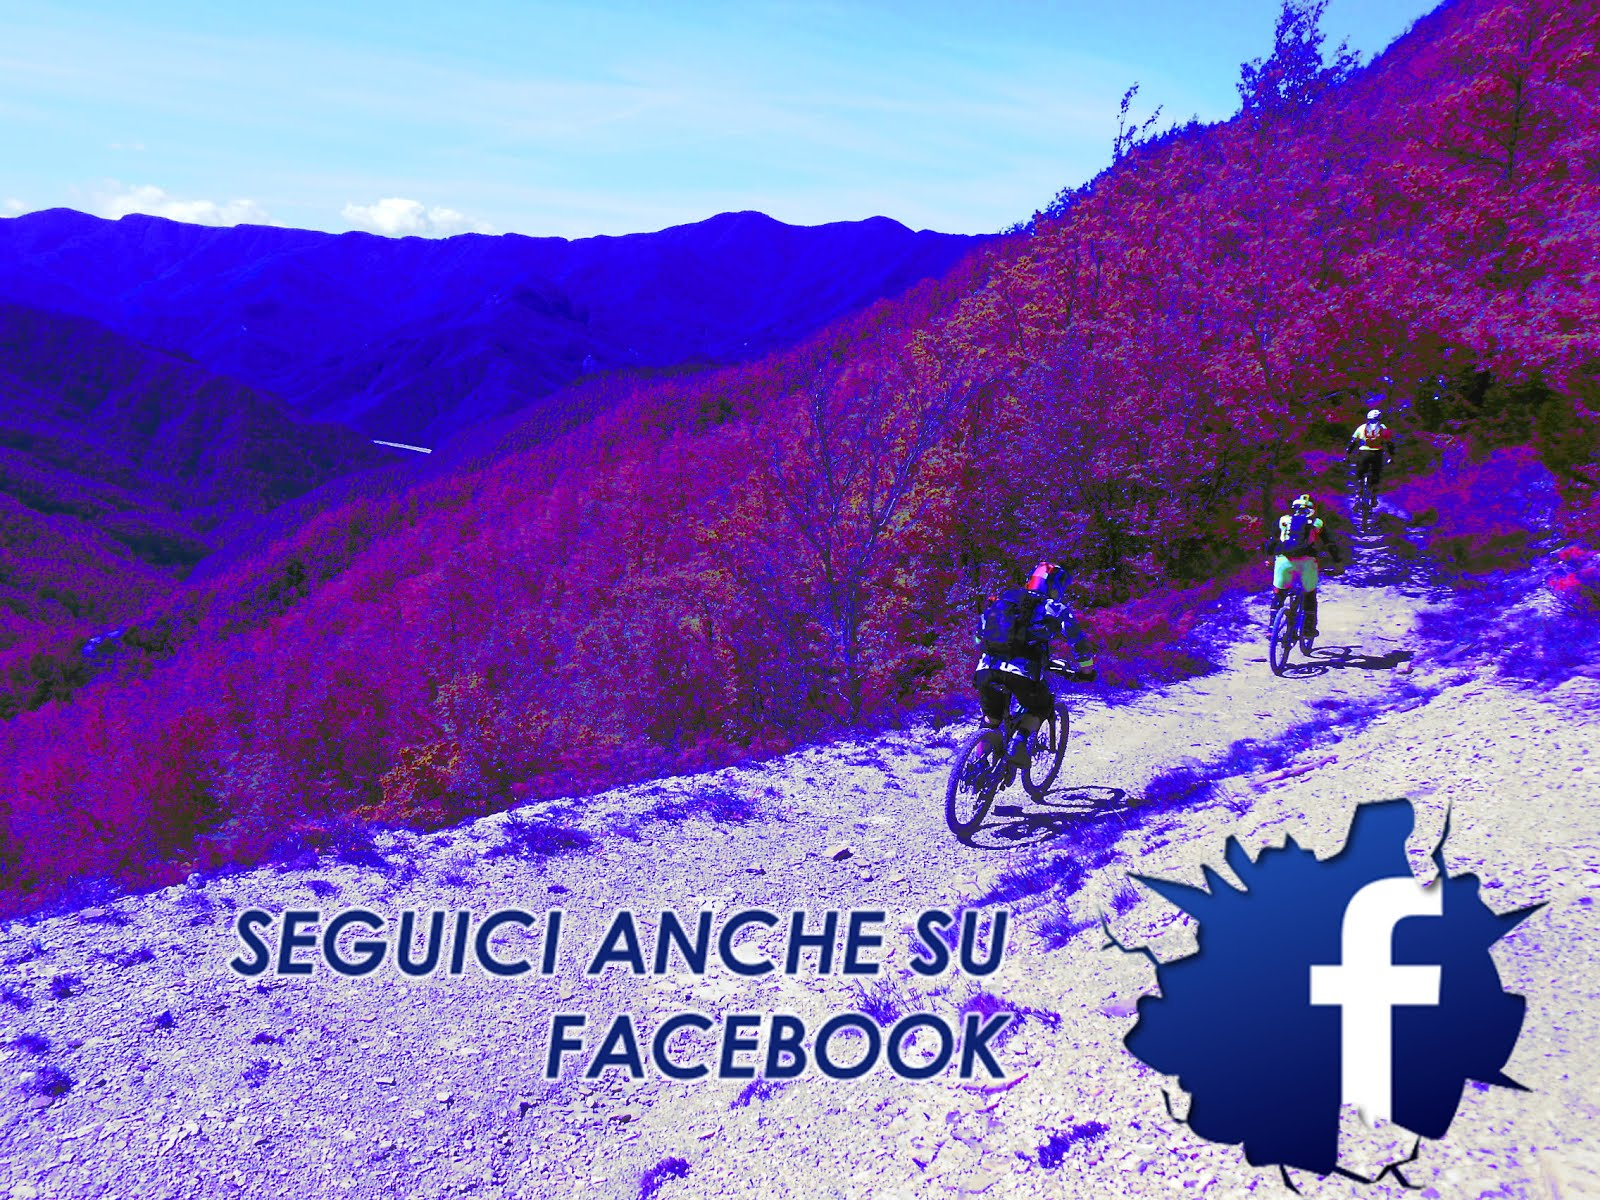 Seguci anche su Facebook!